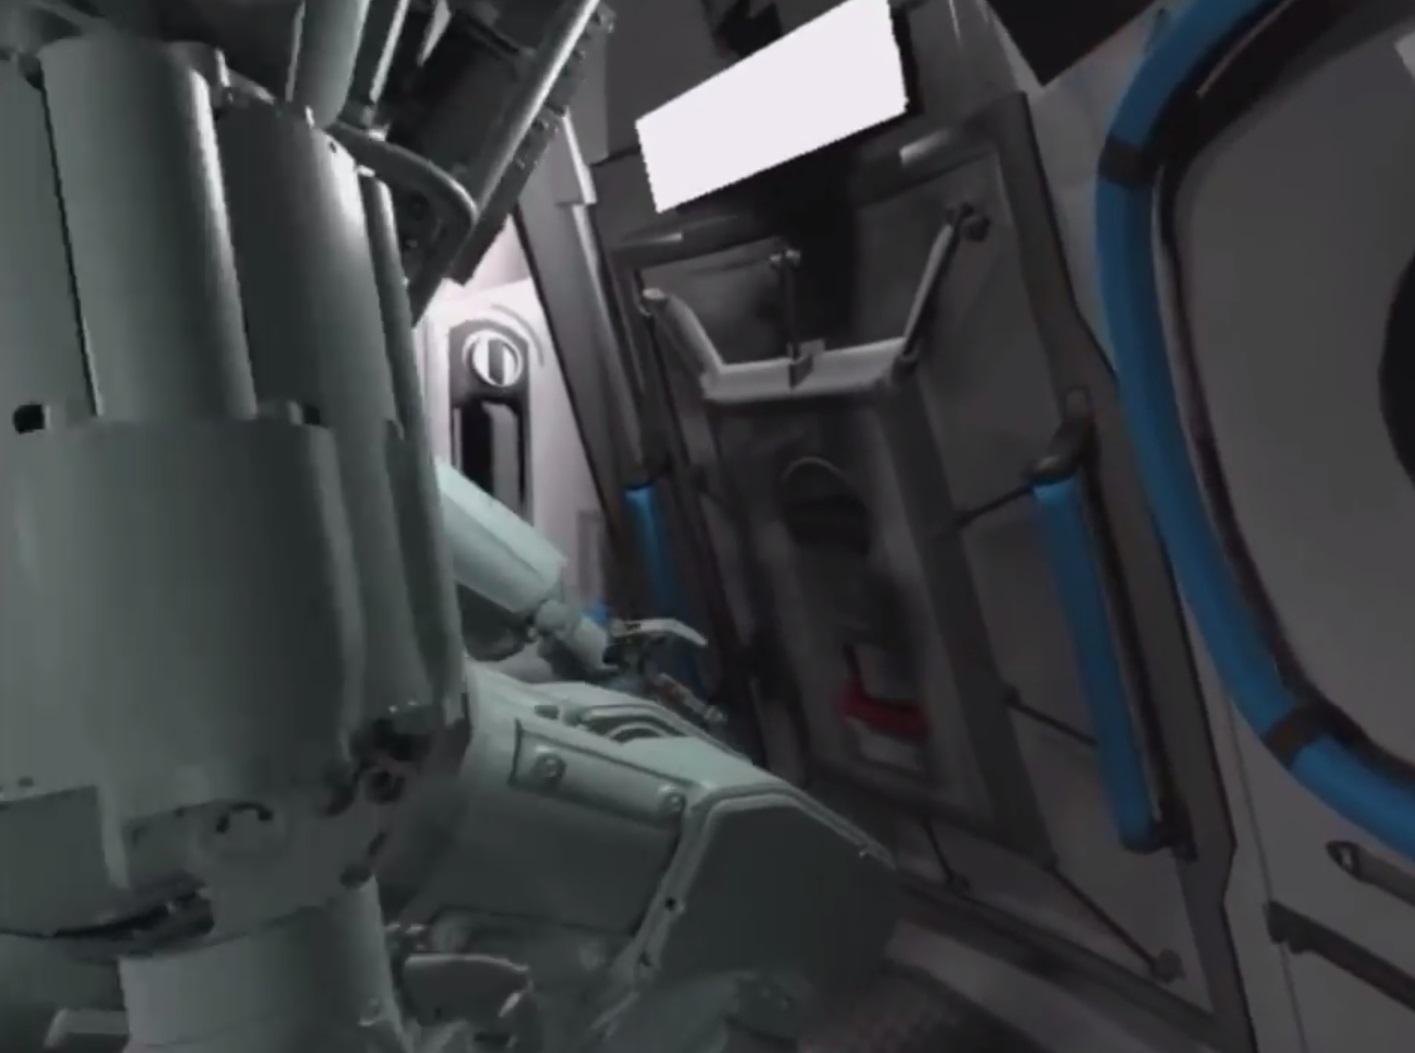 Люк корабля «Союз МС-14» оказался узок для робота FEDOR - 2